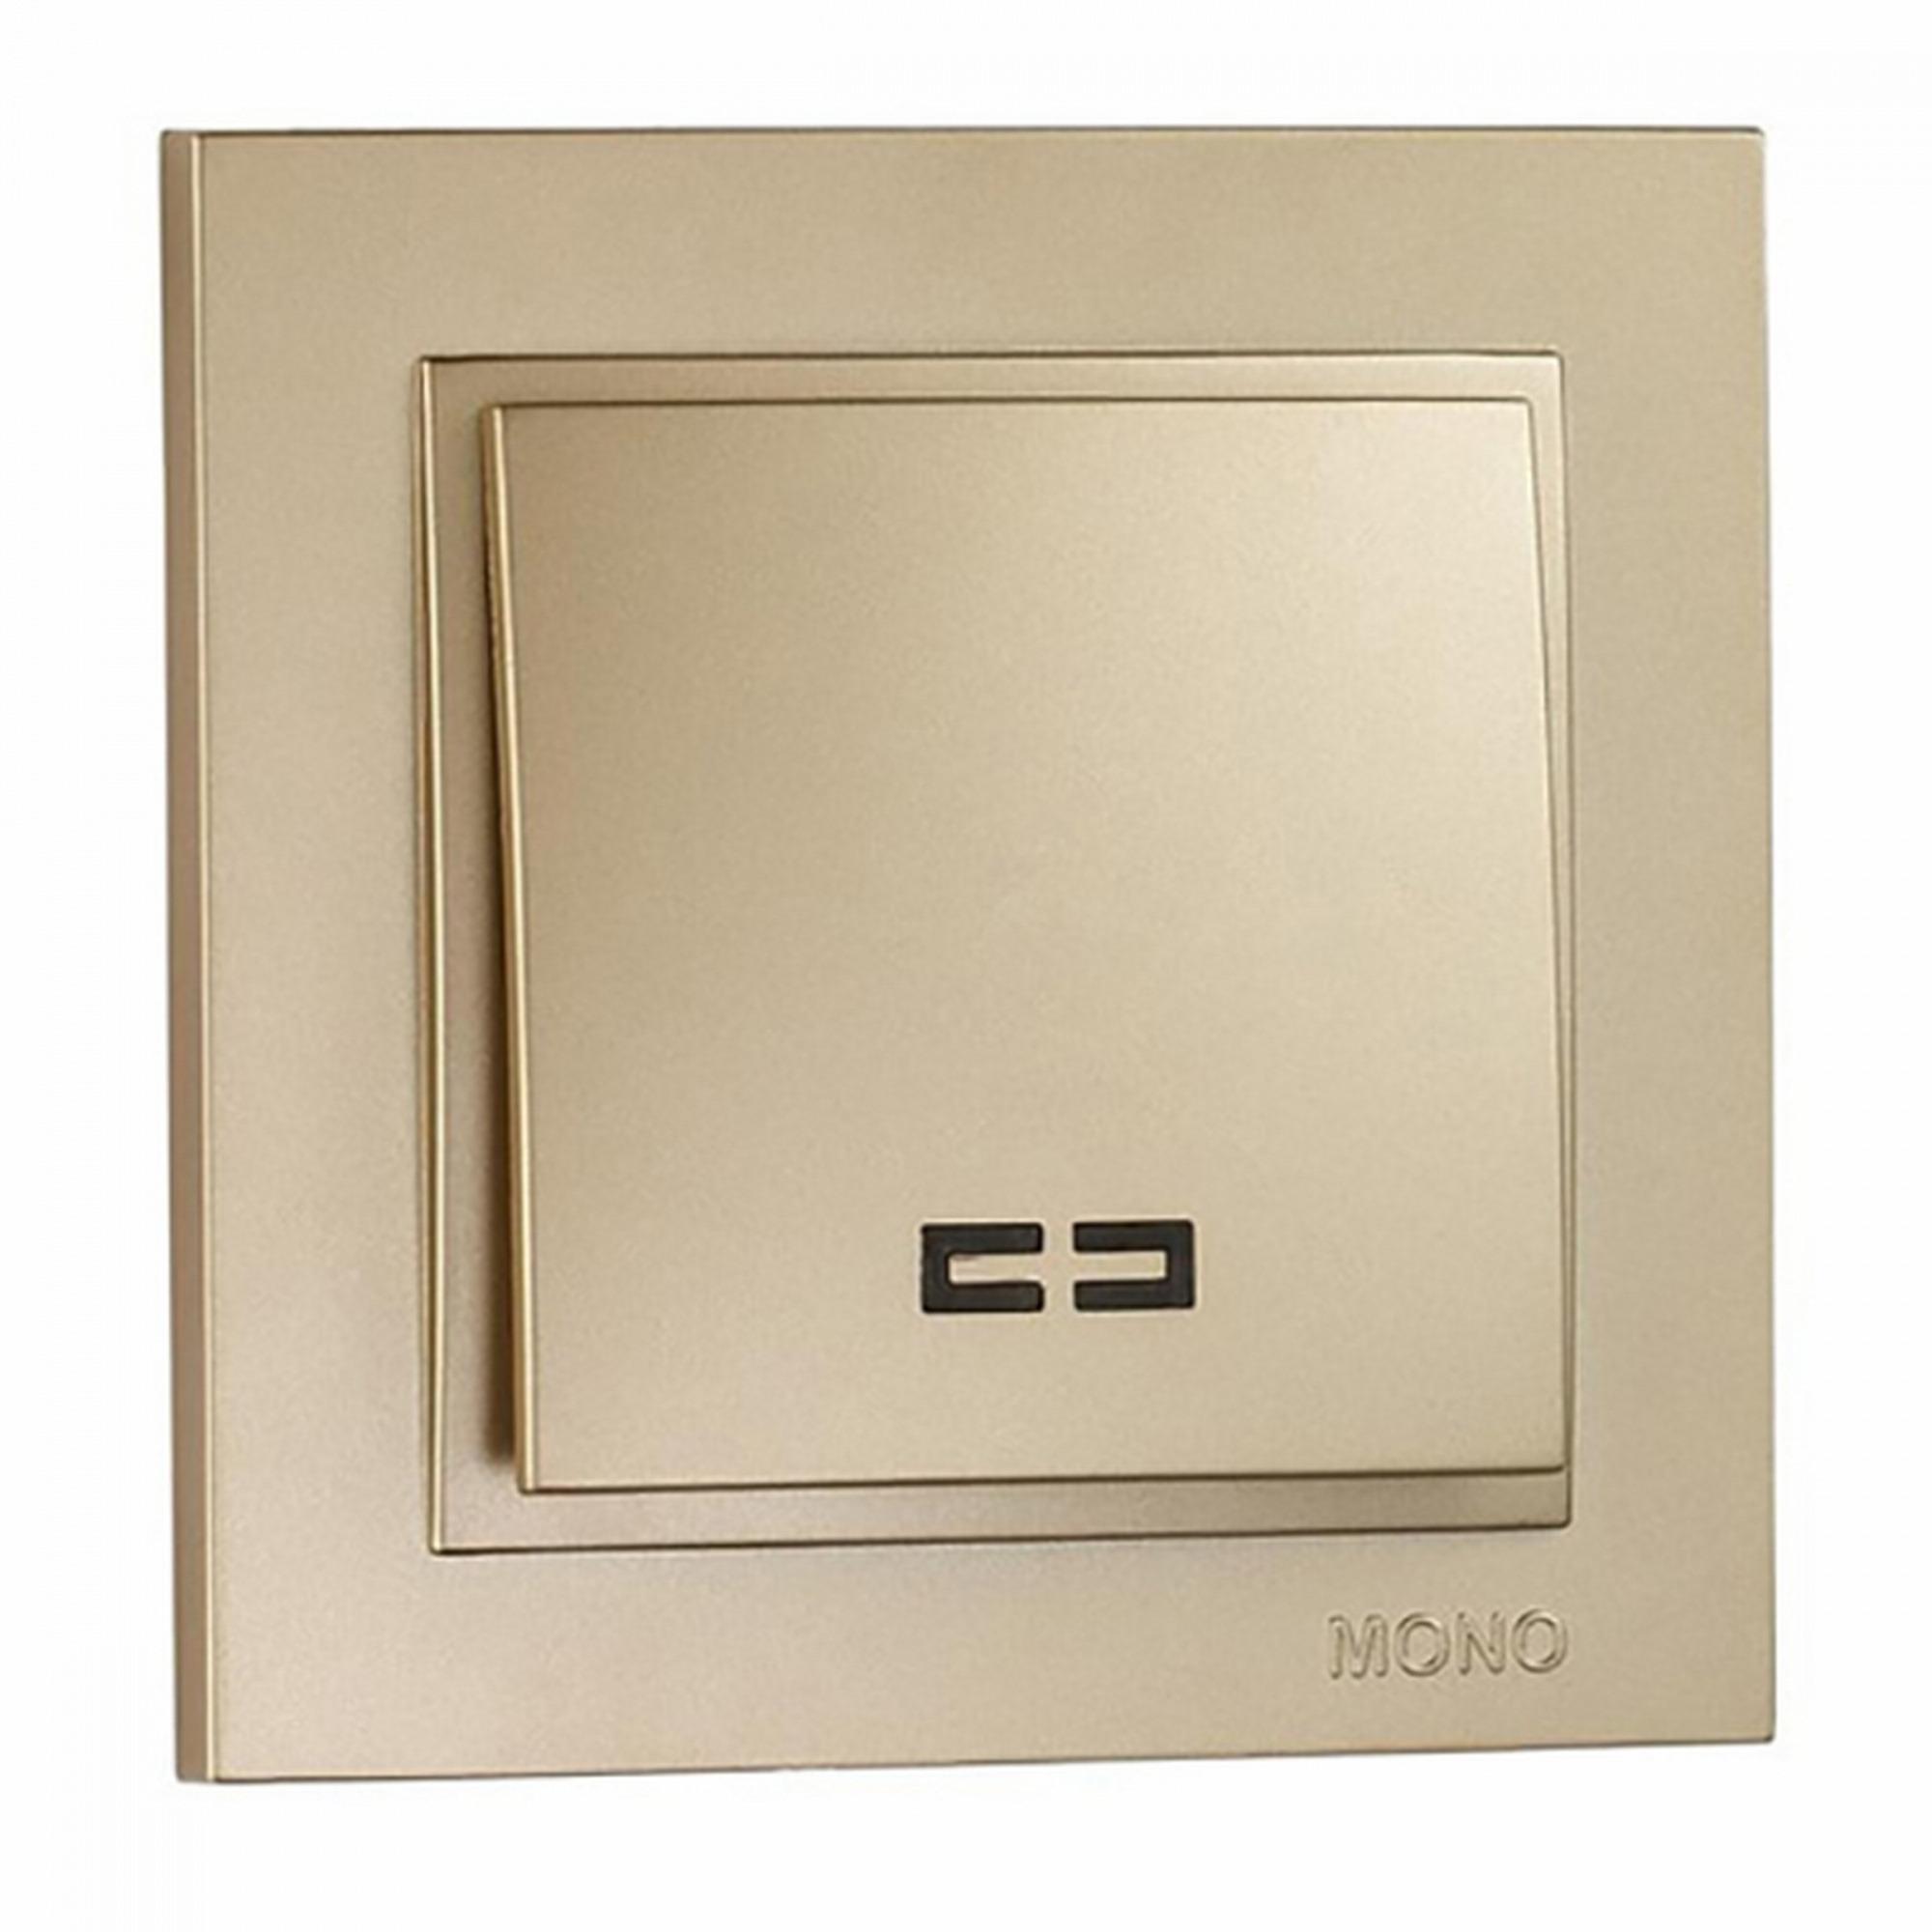 Купить со скидкой Выключатель Mono Despina 1кл с подсветкой титан 102-222225-101